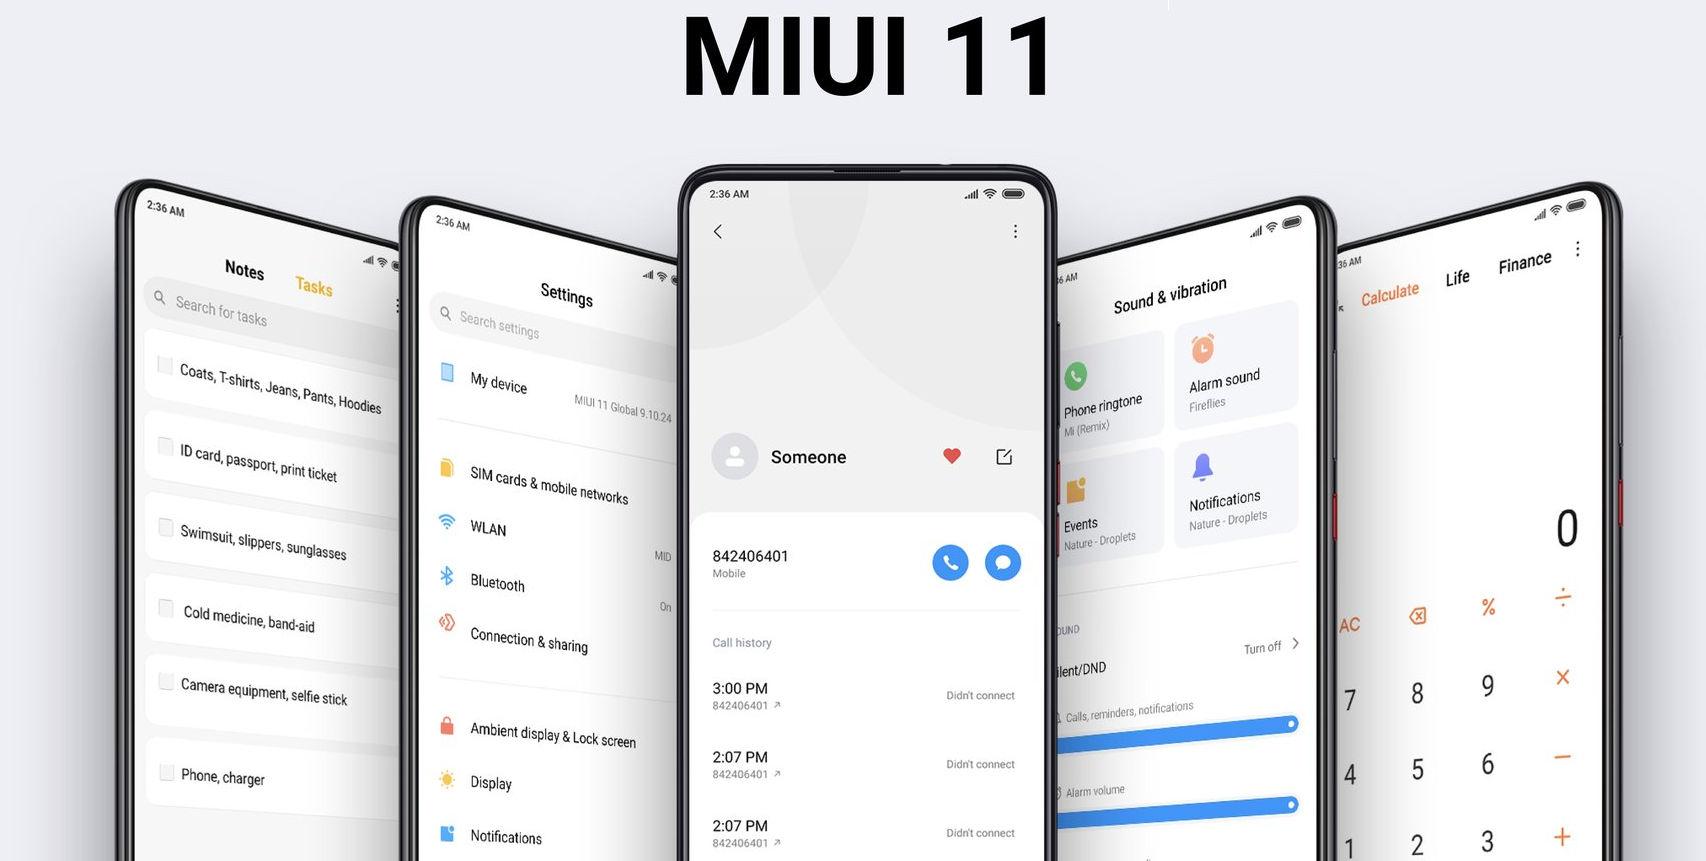 Xiaomi cerca beta tester per MIUI 11: ecco come partecipare se avete un Redmi 7A/8/8A/Note 8